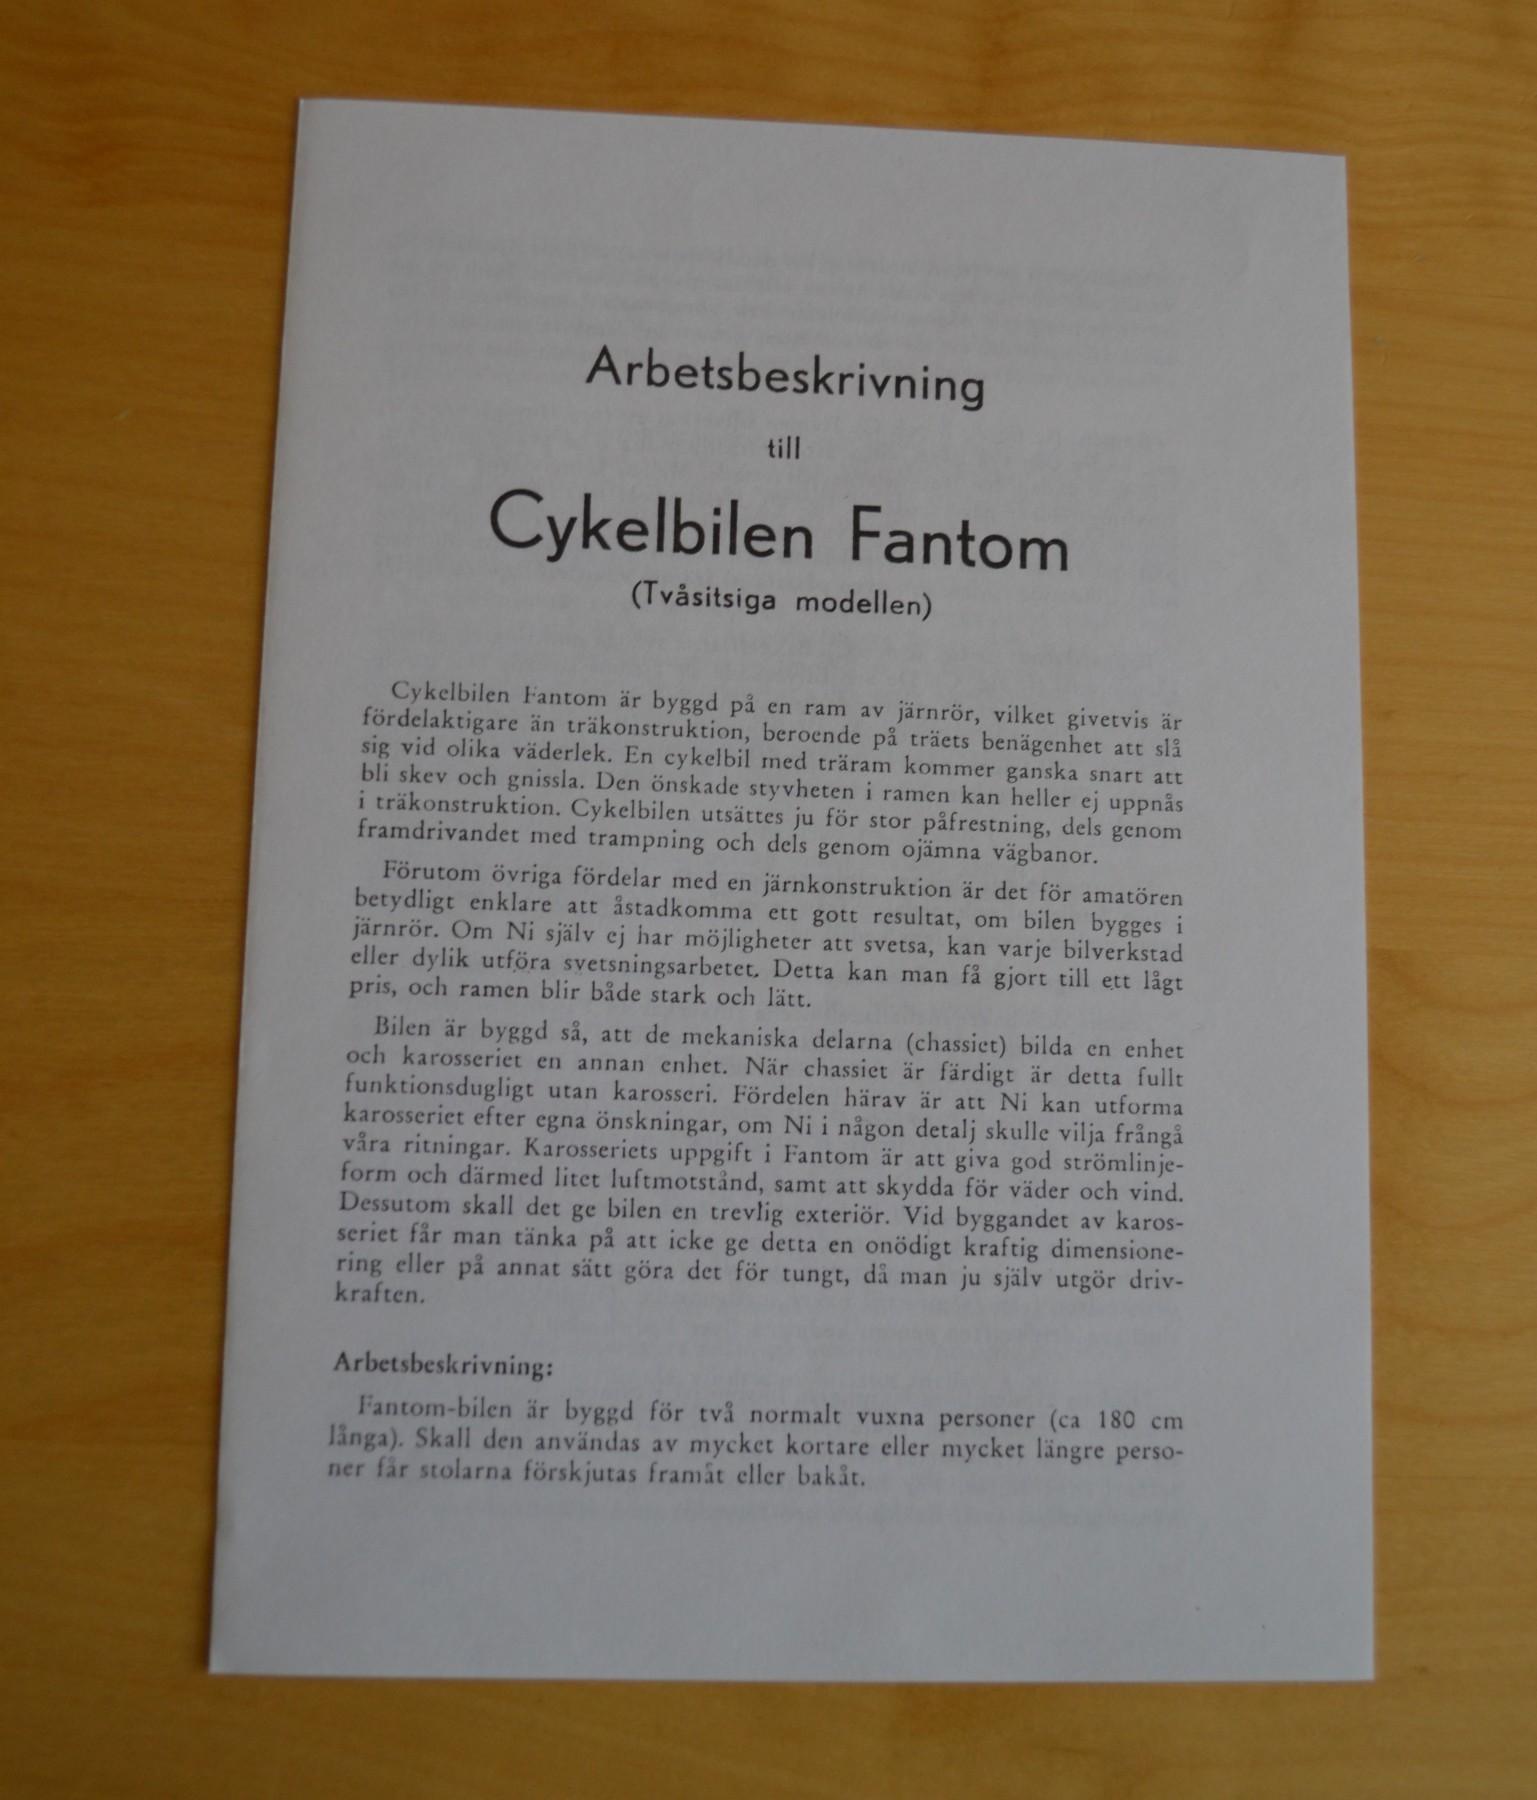 Arbetsbeskrivning till cykelbilen Fantom